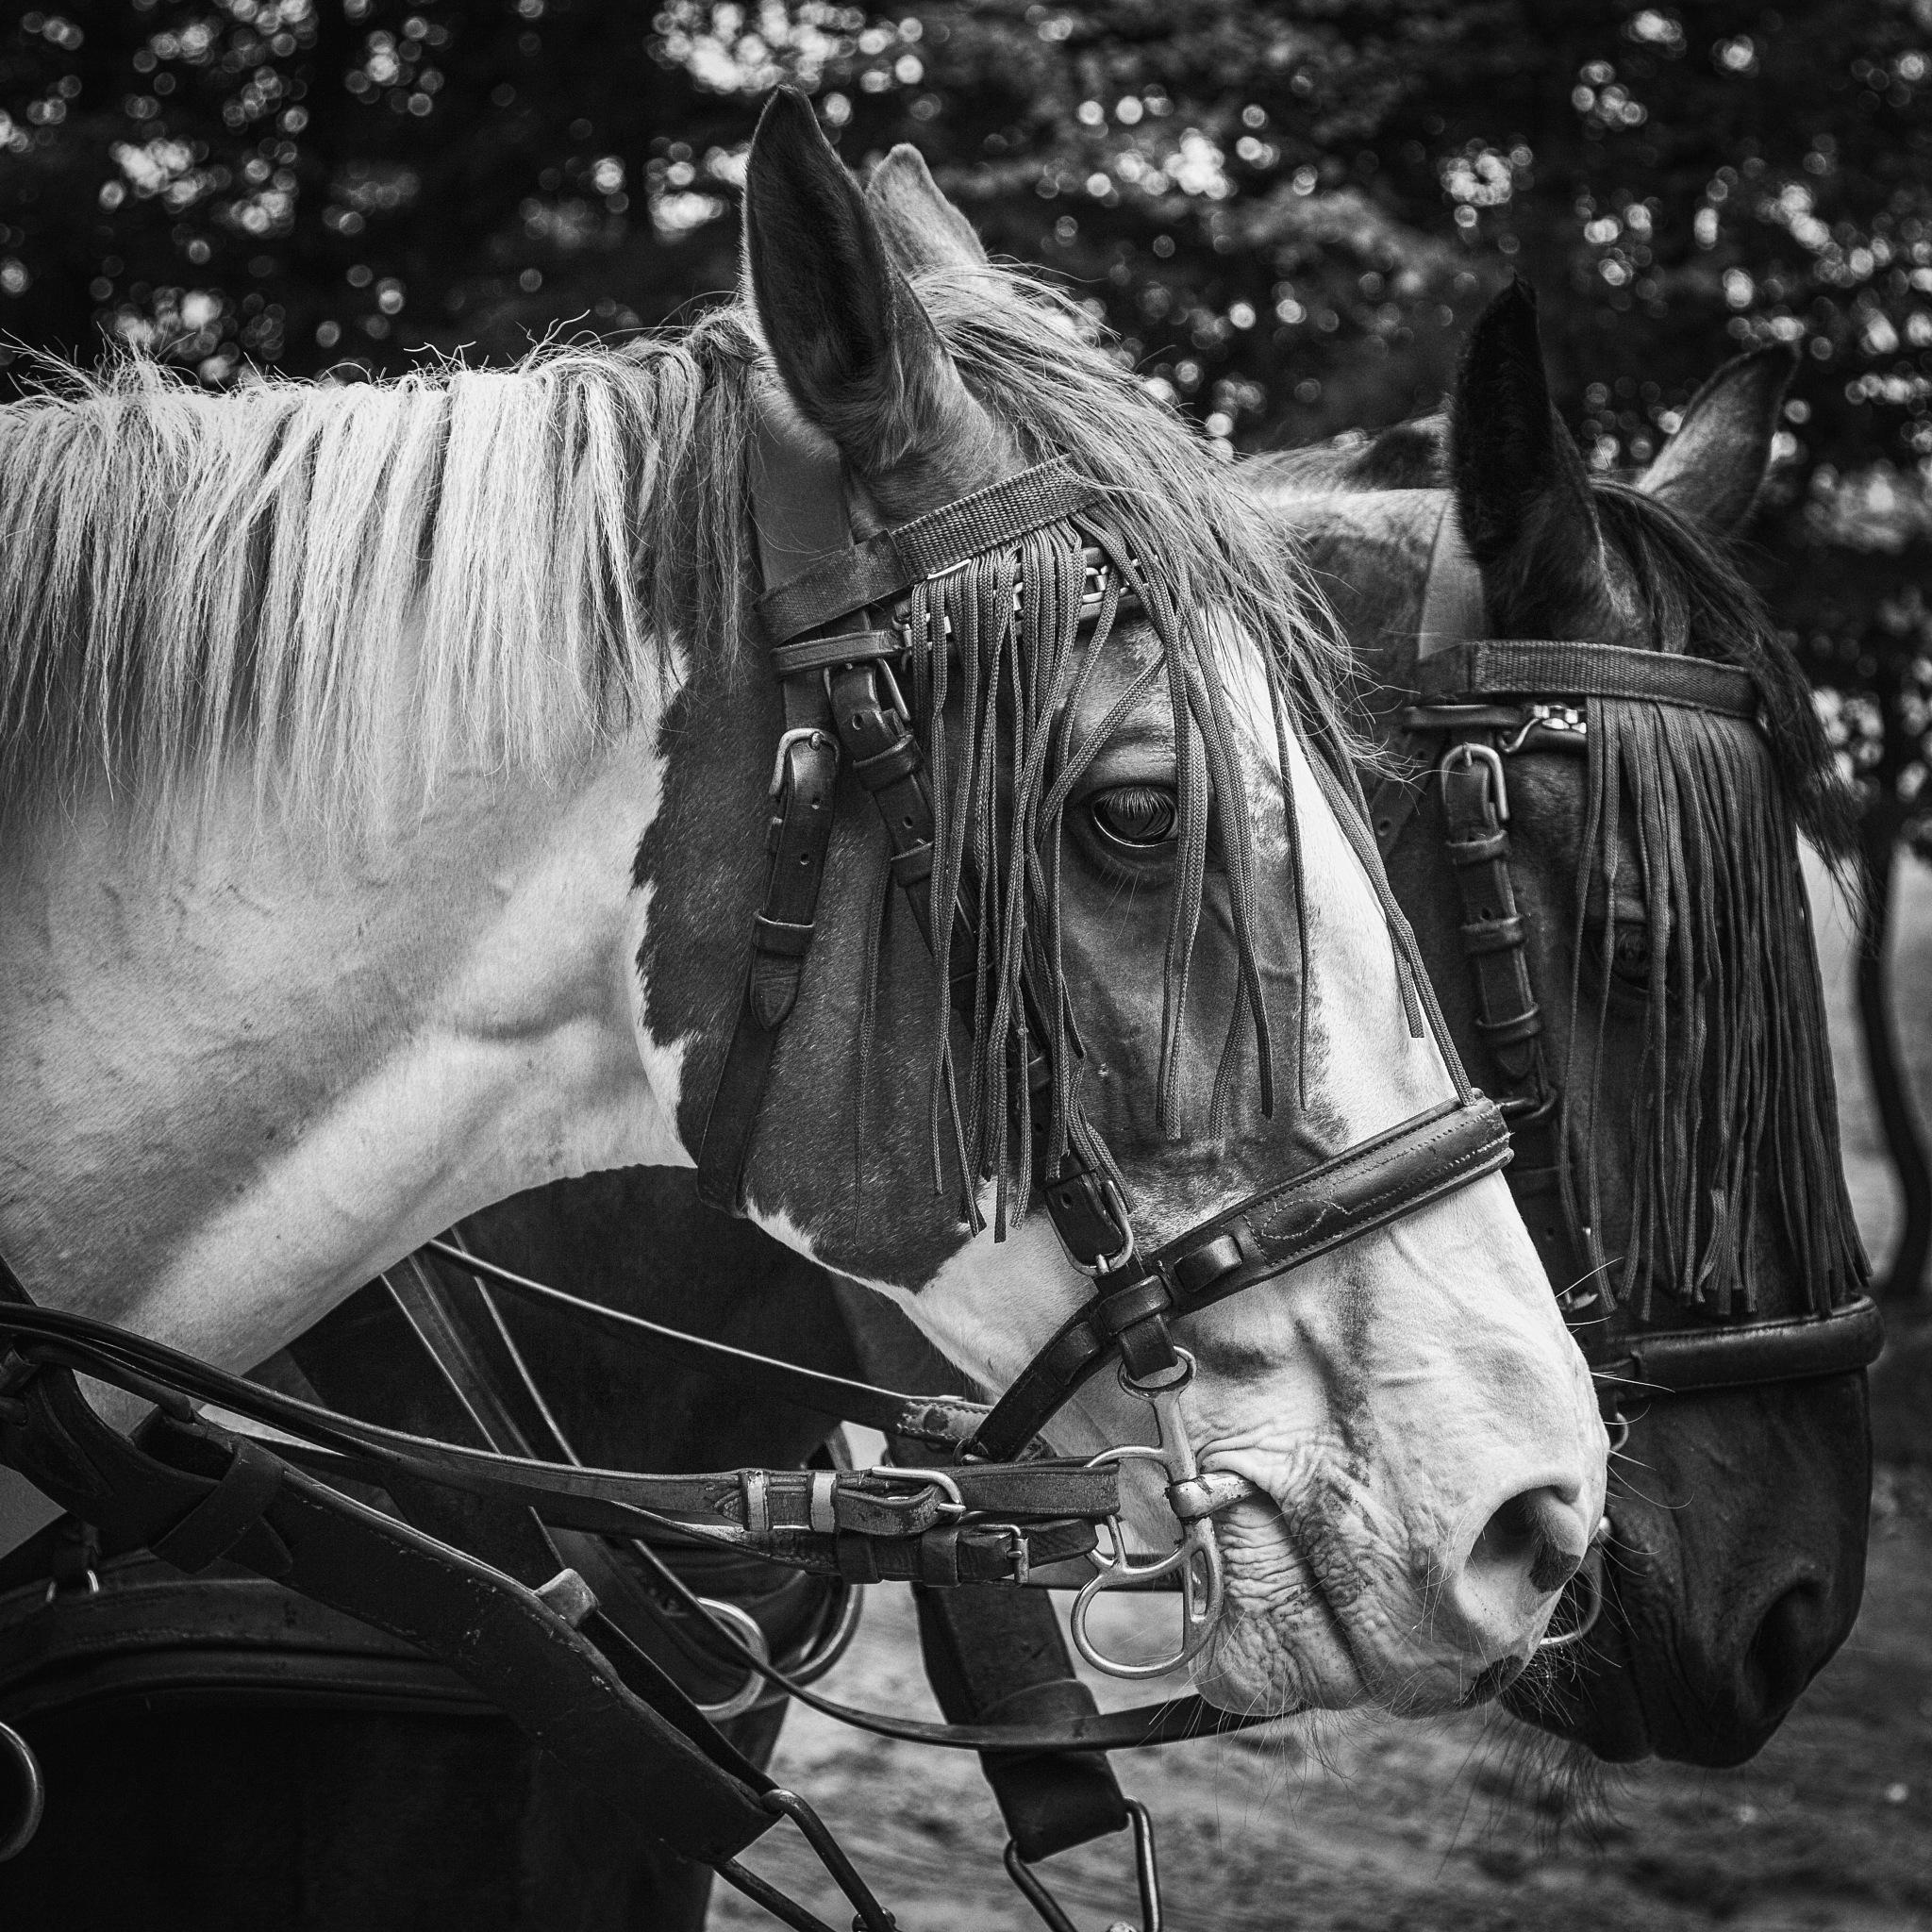 Horses by Stilfoto